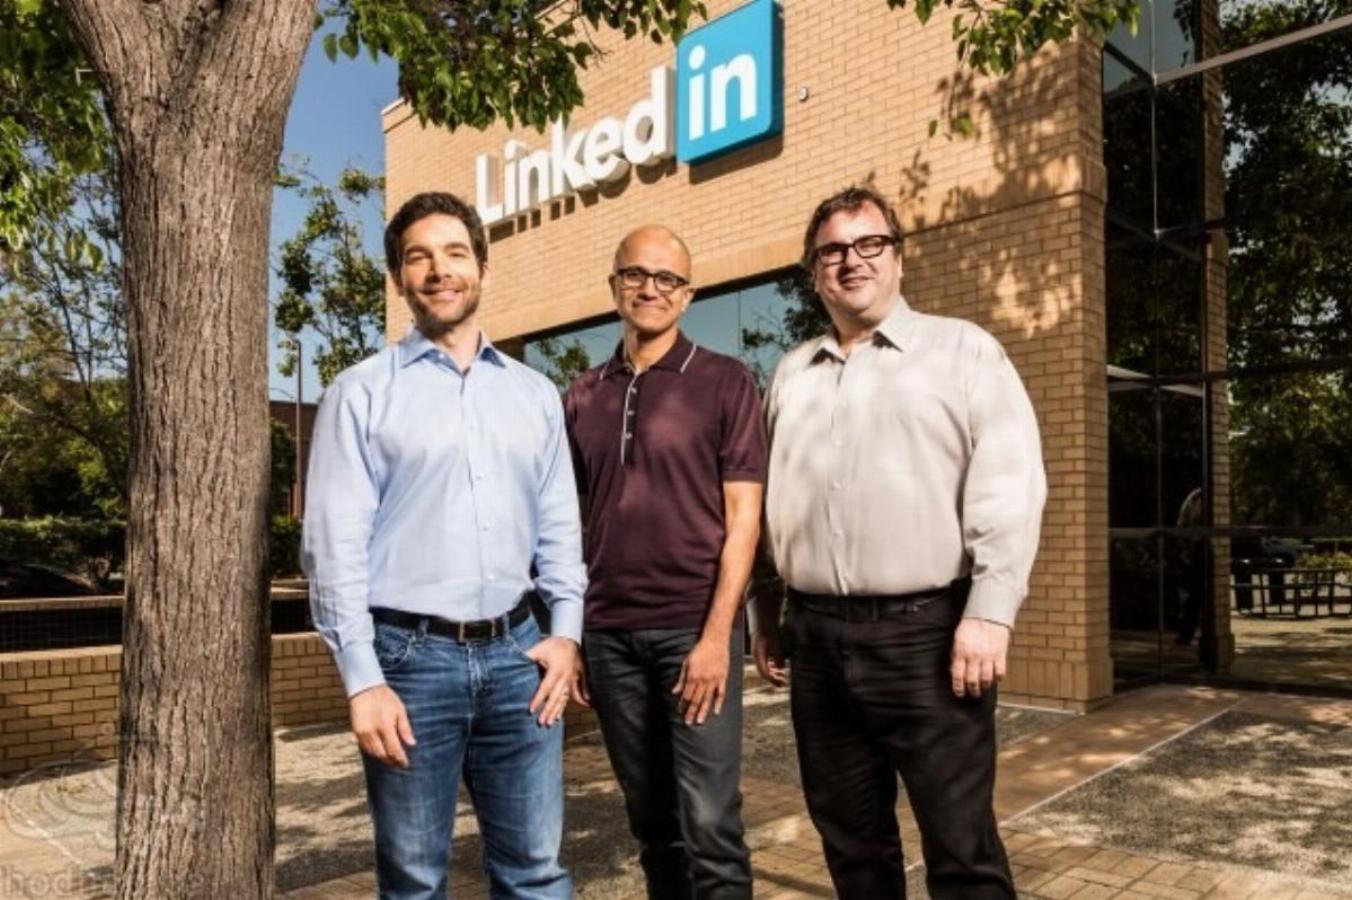 خبر جنجالی هفته: کمپانی مایکروسافت، شرکت لینکدین را به قیمت 26 میلیارد دلار خرید!